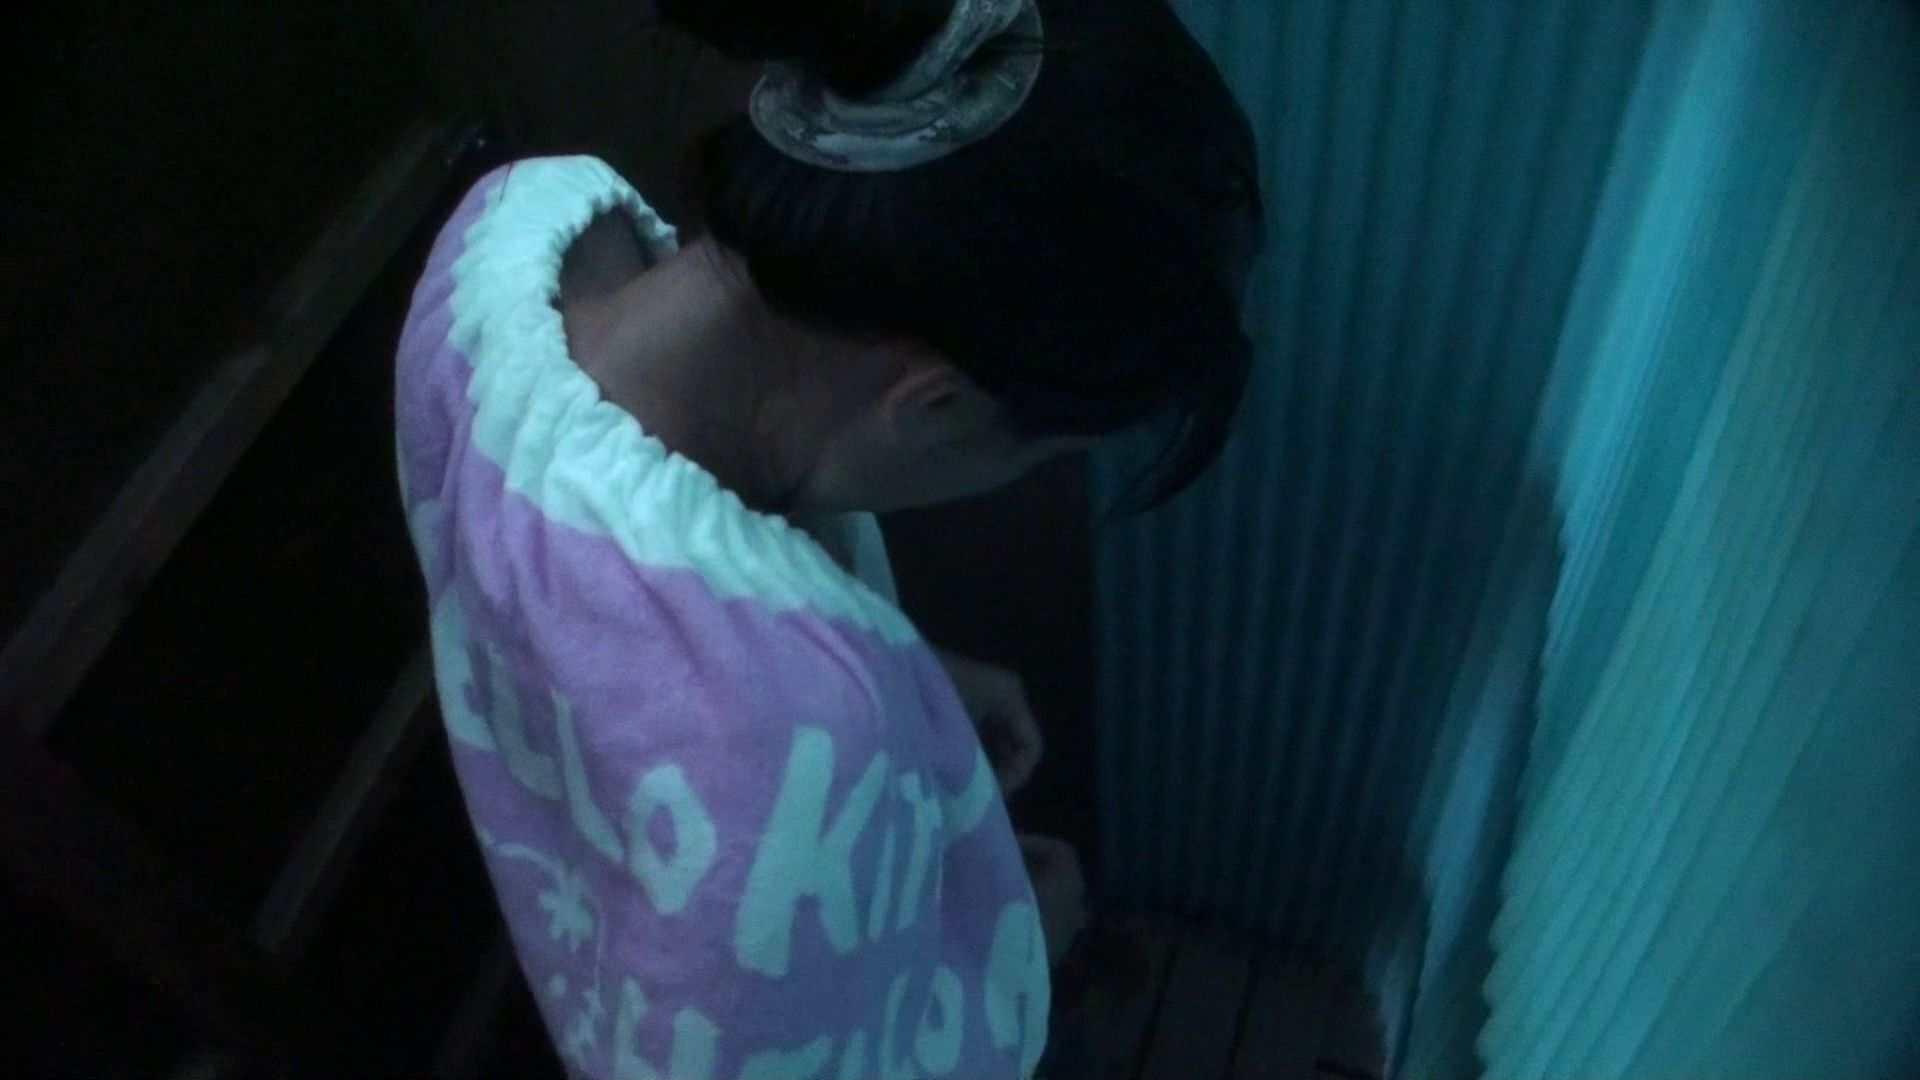 シャワールームは超!!危険な香りVol.26 大学生風美形ギャル 暗さが残念! 脱衣所の着替え 女性器鑑賞 95画像 43